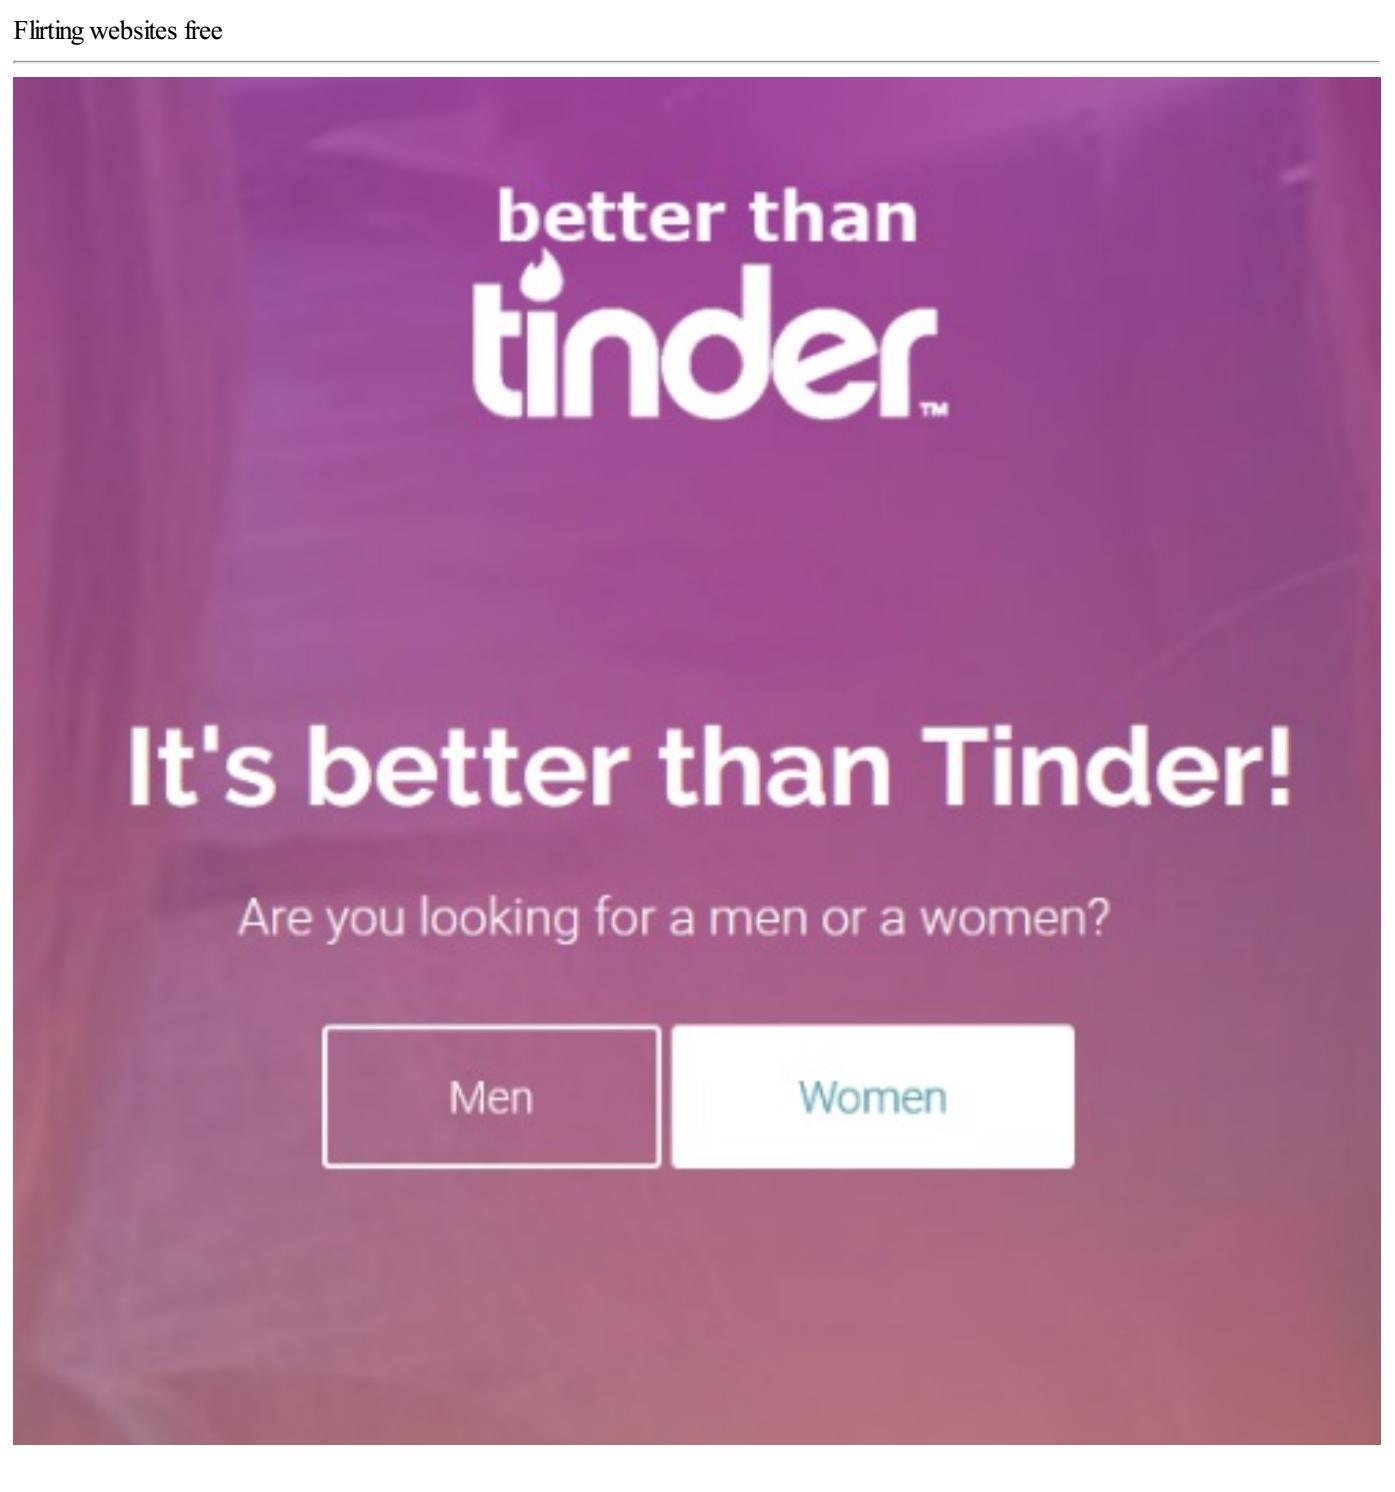 Flirting websites